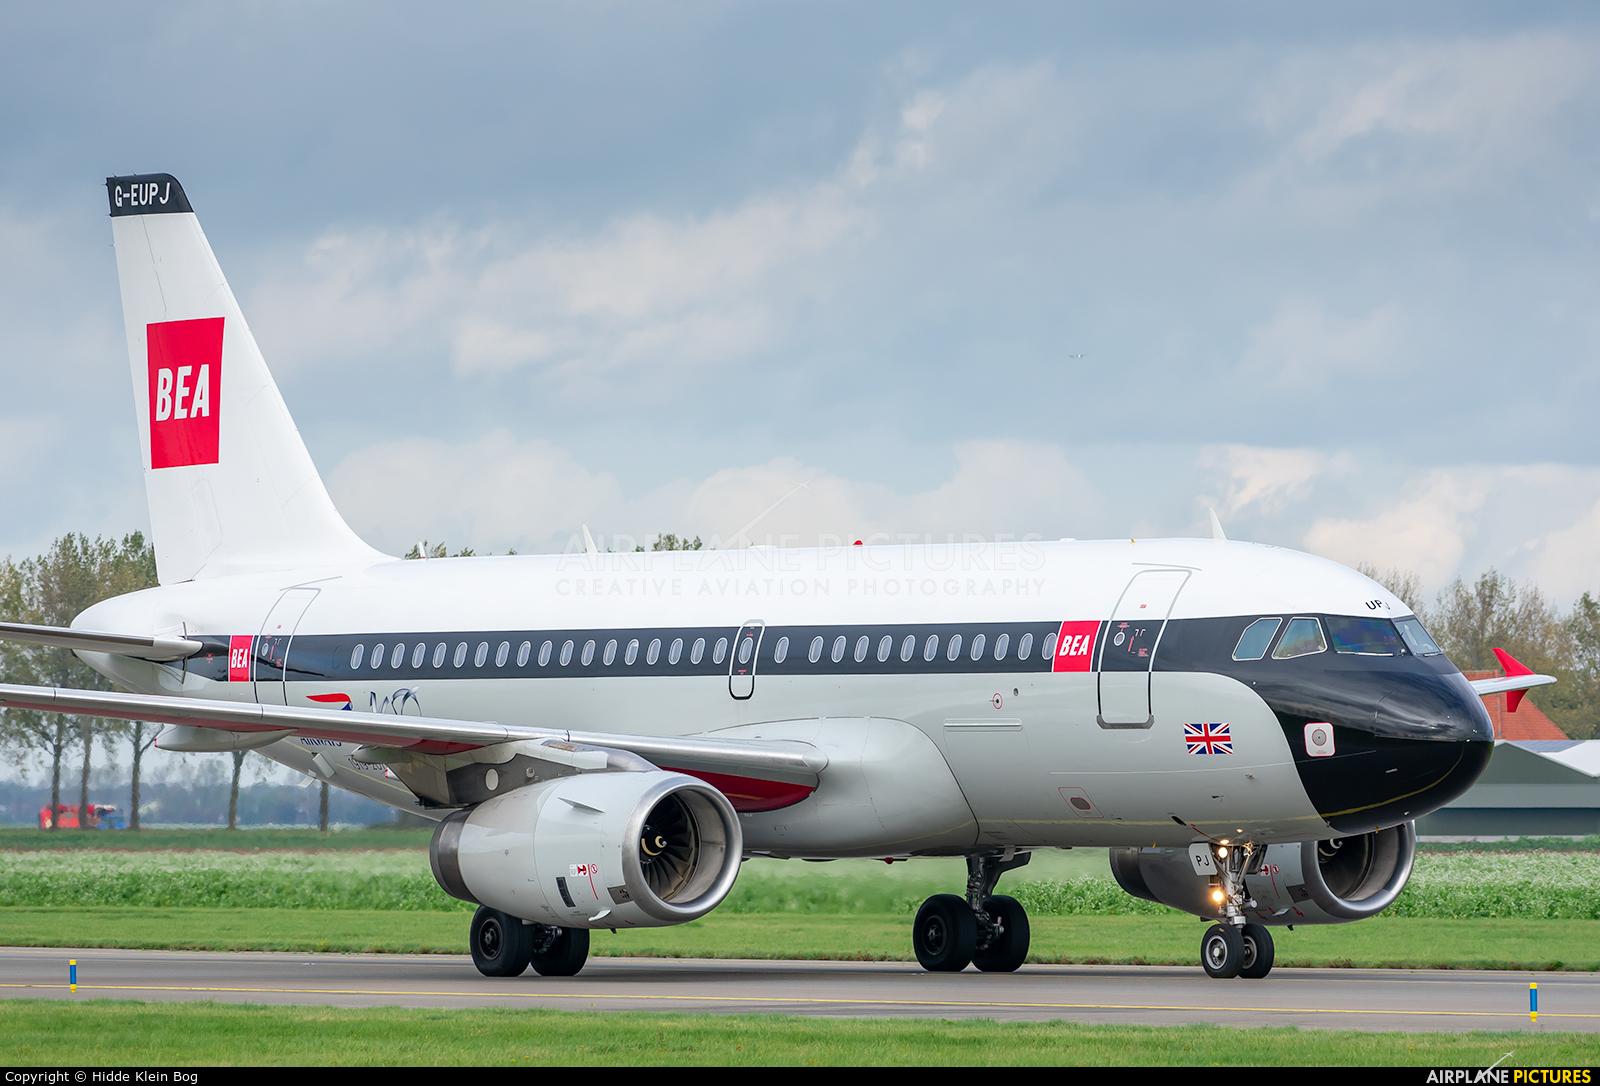 British Airways G-EUPJ aircraft at Amsterdam - Schiphol